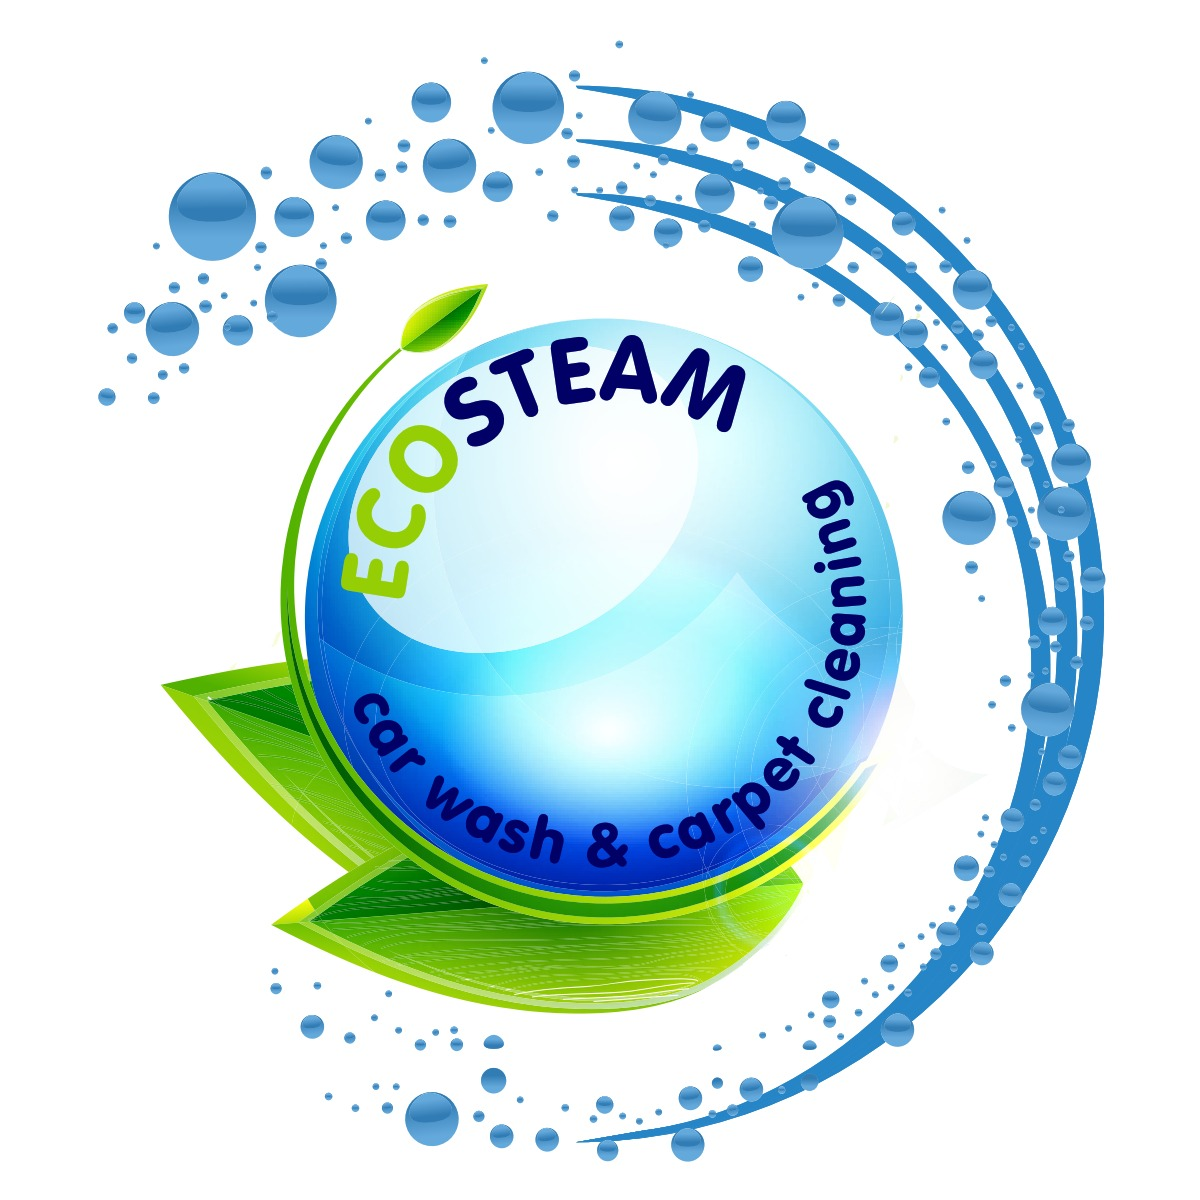 EcoSteam logo